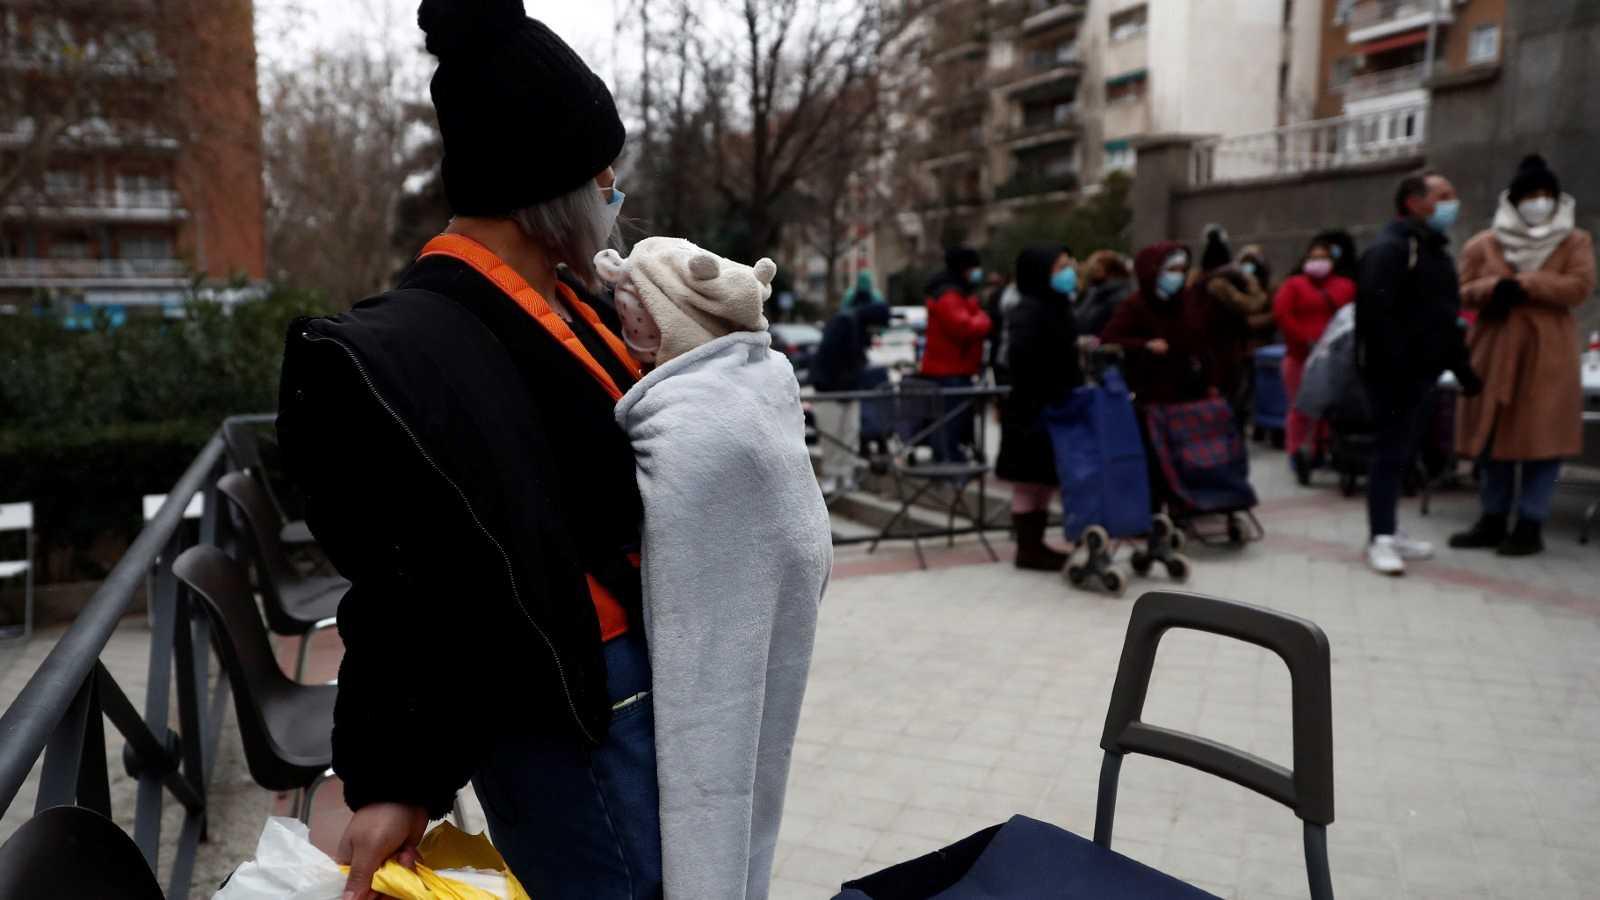 Se mantienen las colas del hambre en Madrid tras un año de pandemia